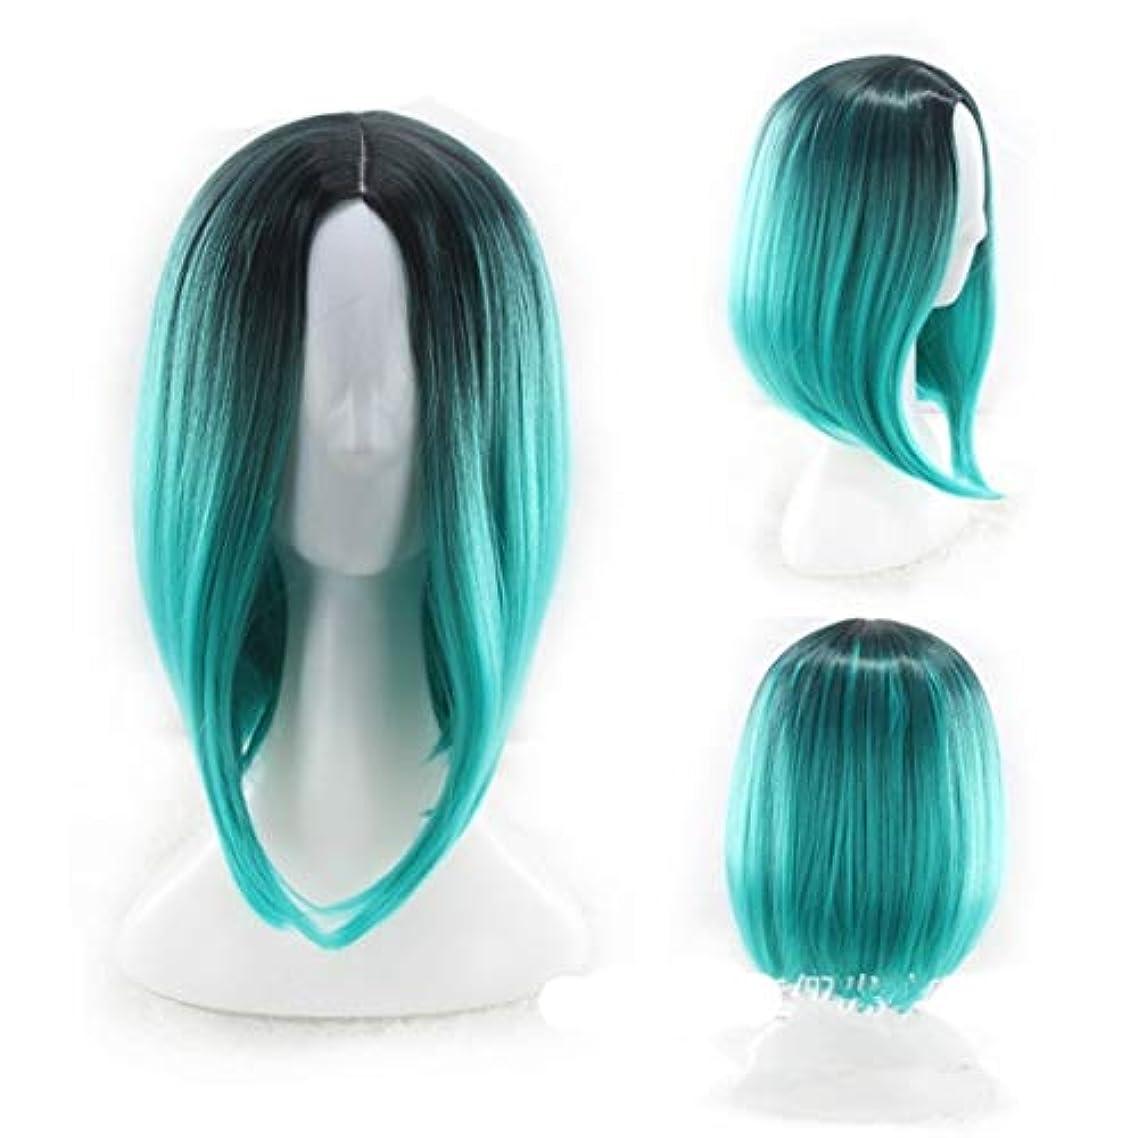 抽出アラスカ立ち寄るKerwinner 女性のためのナチュラルグラデーションカラーウィッグショートボボヘッドウィッグミドル前髪付きヘアウィッグ長さ35cm (Color : Light green)